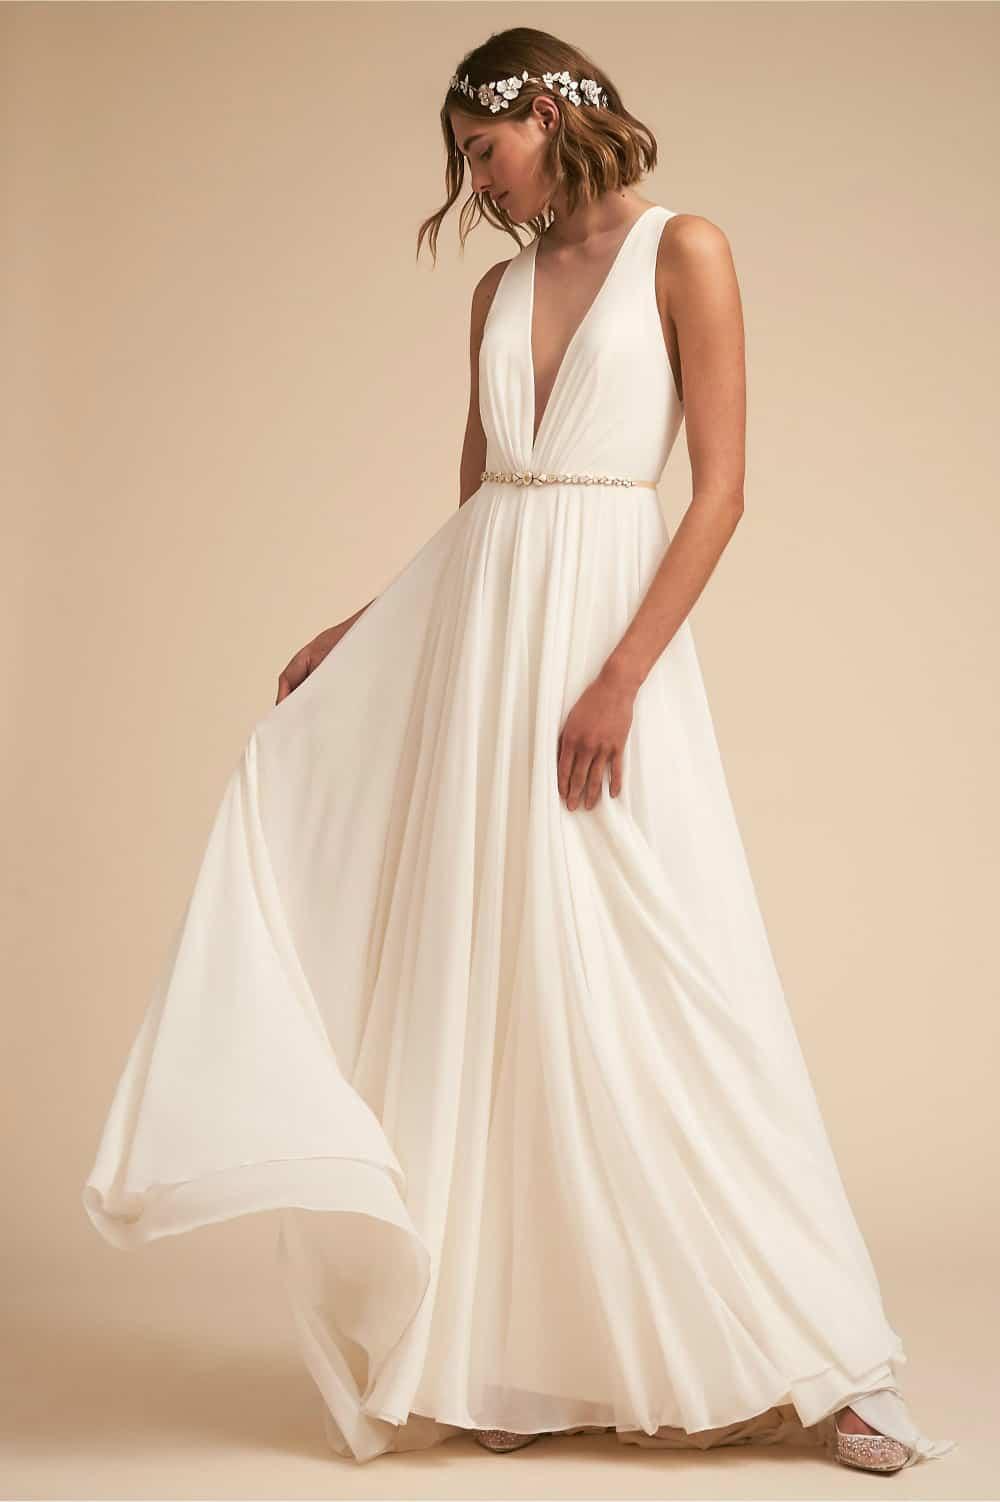 Plunge V Neck Wedding Dress With Sheer Back Dress For